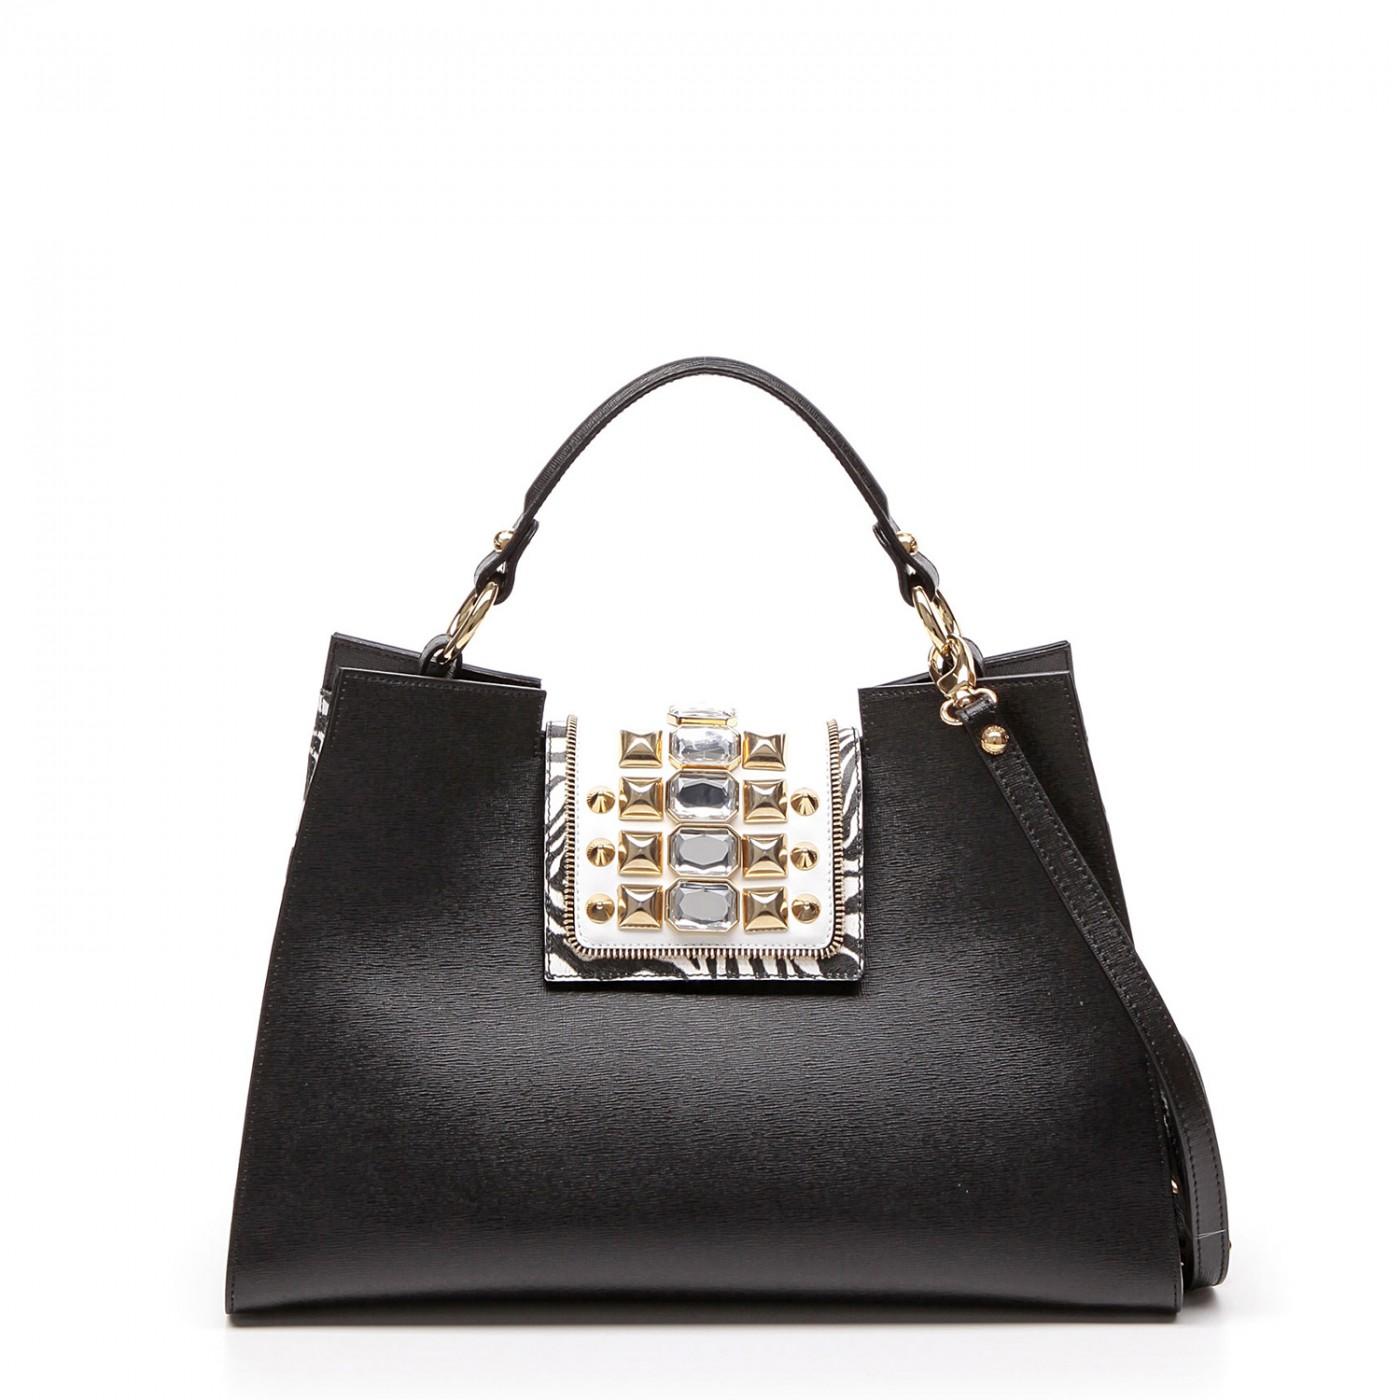 18da8cd289e9 Женская сумка Braccialini 10701 со скидкой 10% - цена 28000 руб, купить